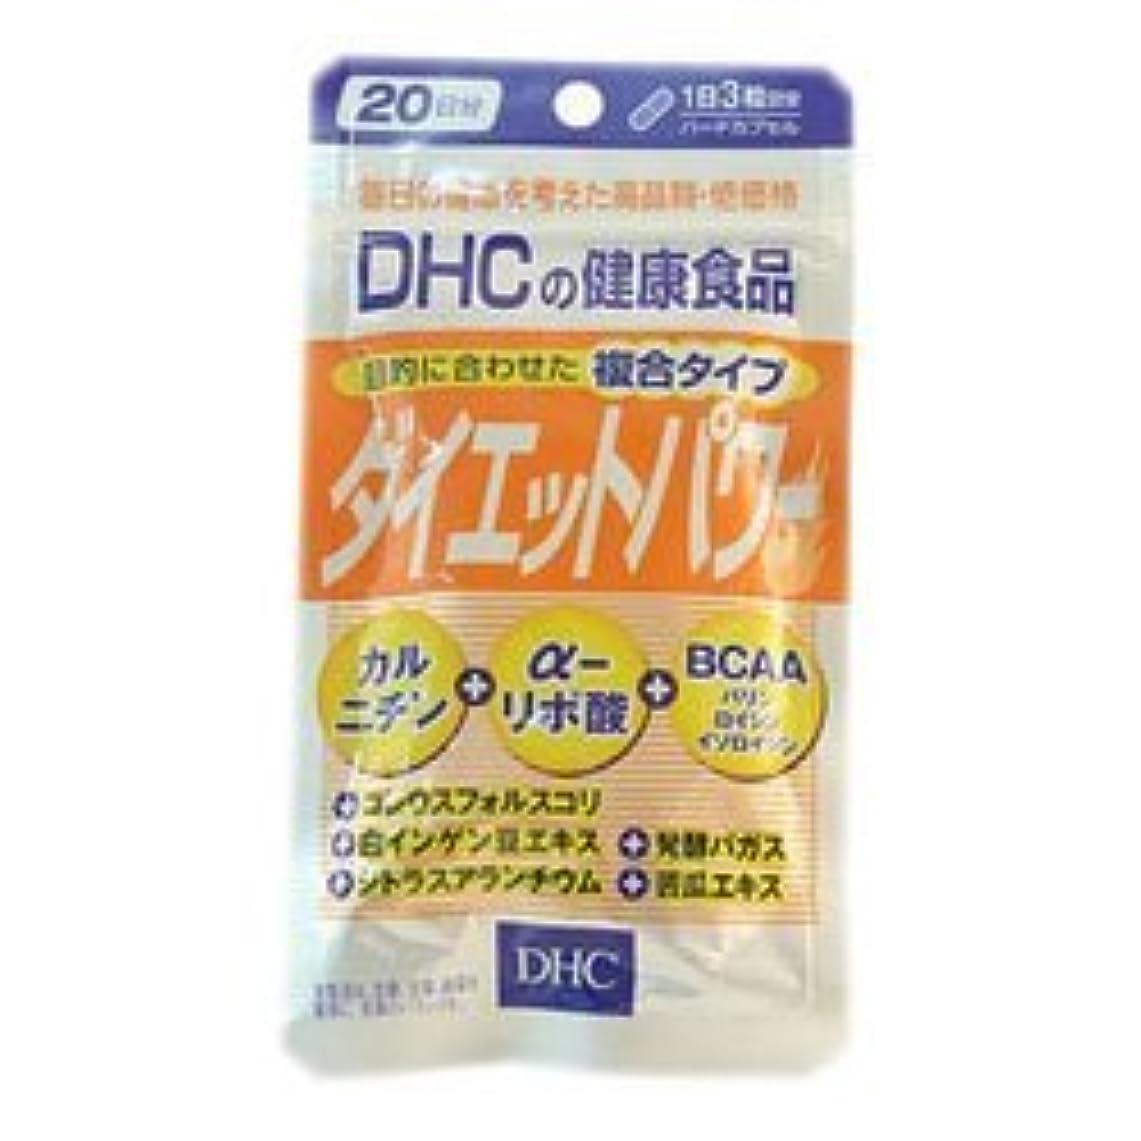 ボトルネック無謀手のひら【DHC】ダイエットパワー 20日分 (60粒) ×20個セット